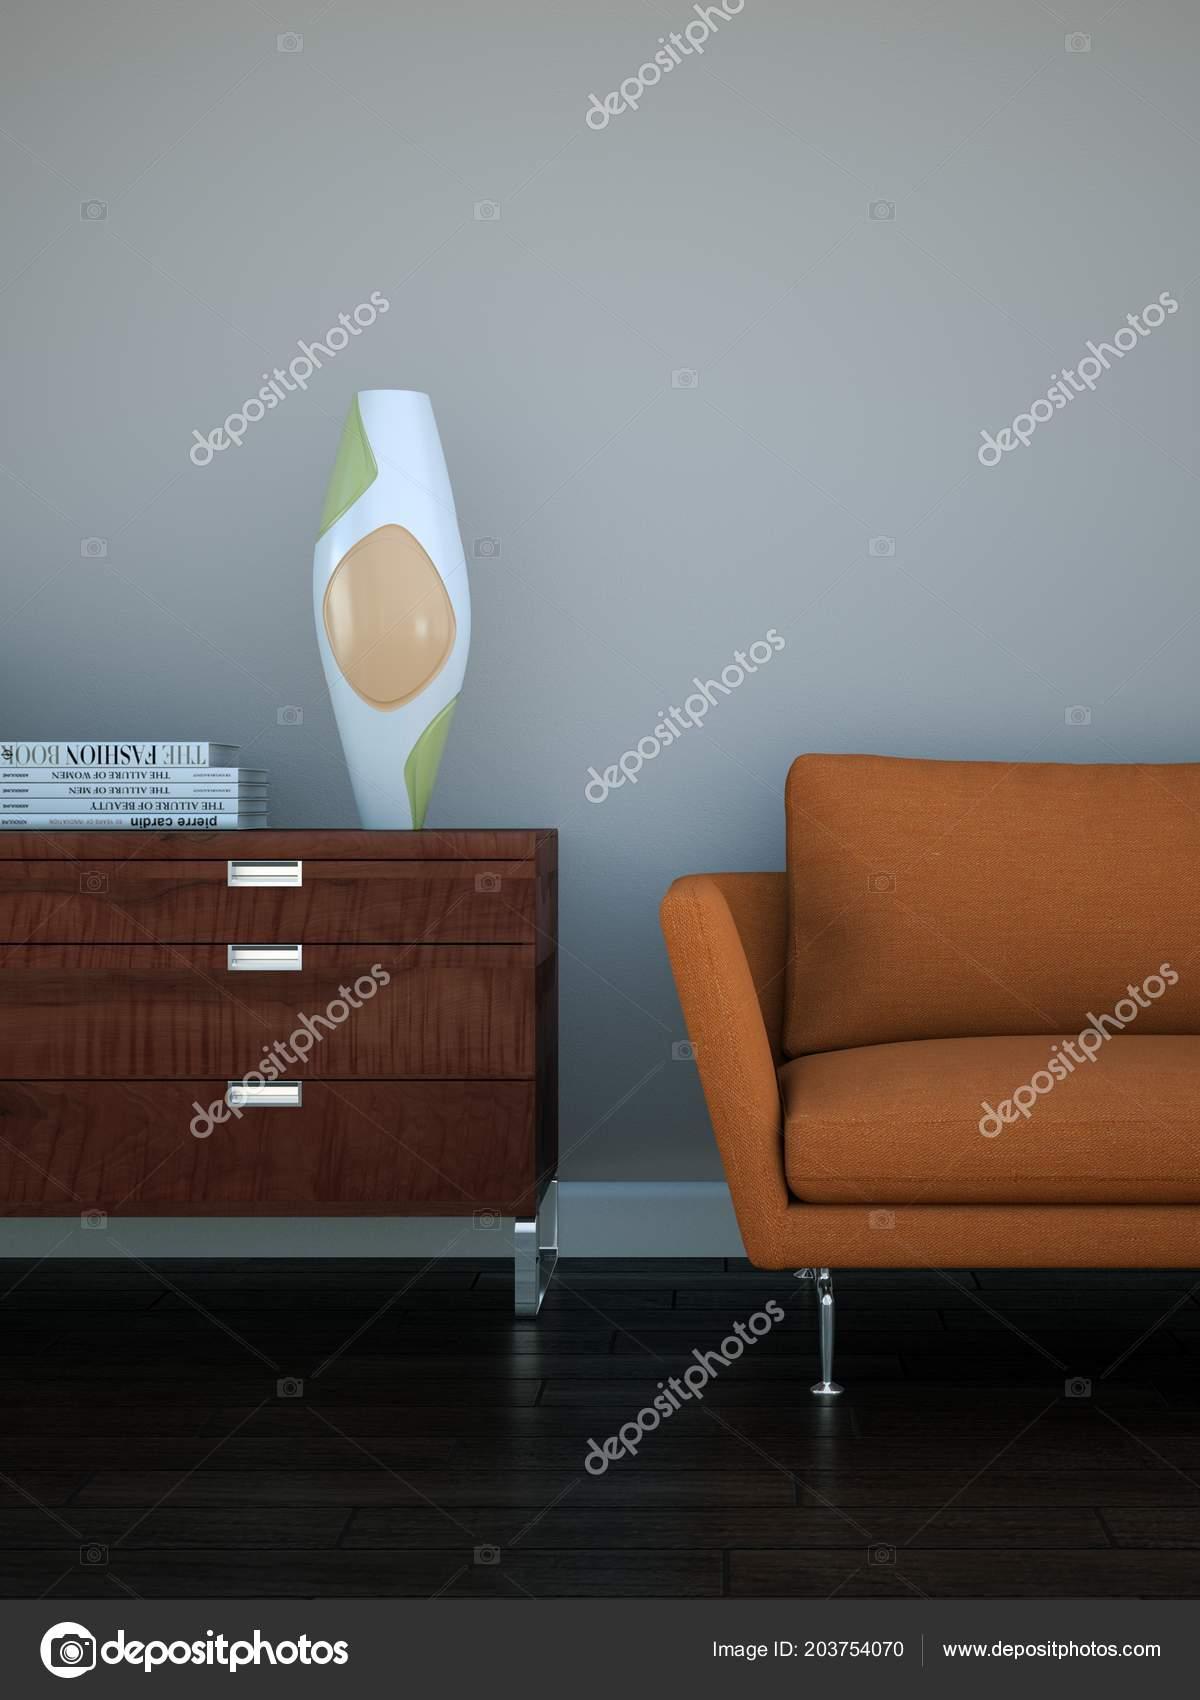 Chambre Lumineuse Avec Orange Canapé Devant Un Brun Mur Illustration 3d U2014  Image De ...